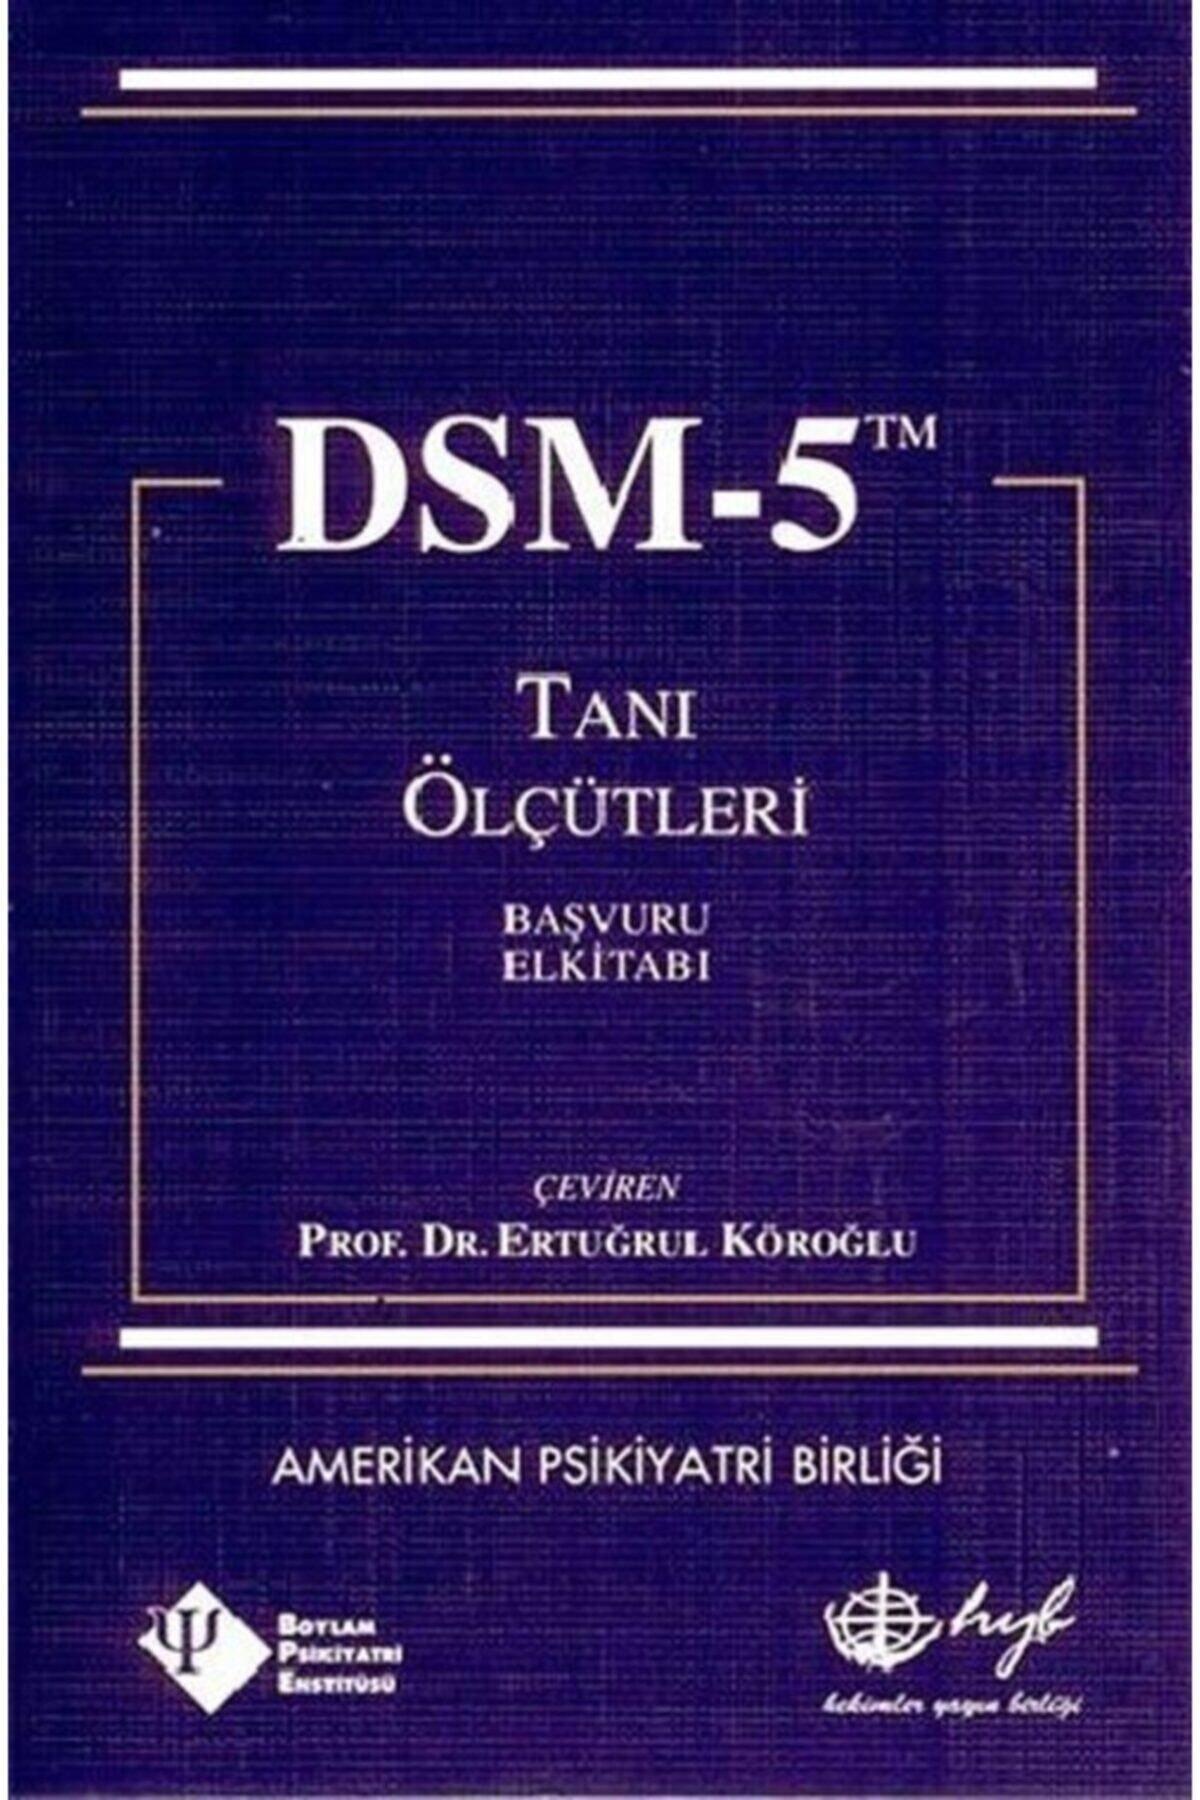 Hyb Yayıncılık Dsm-5 Tanı Ölçütleri Başvuru El Kitabı 1